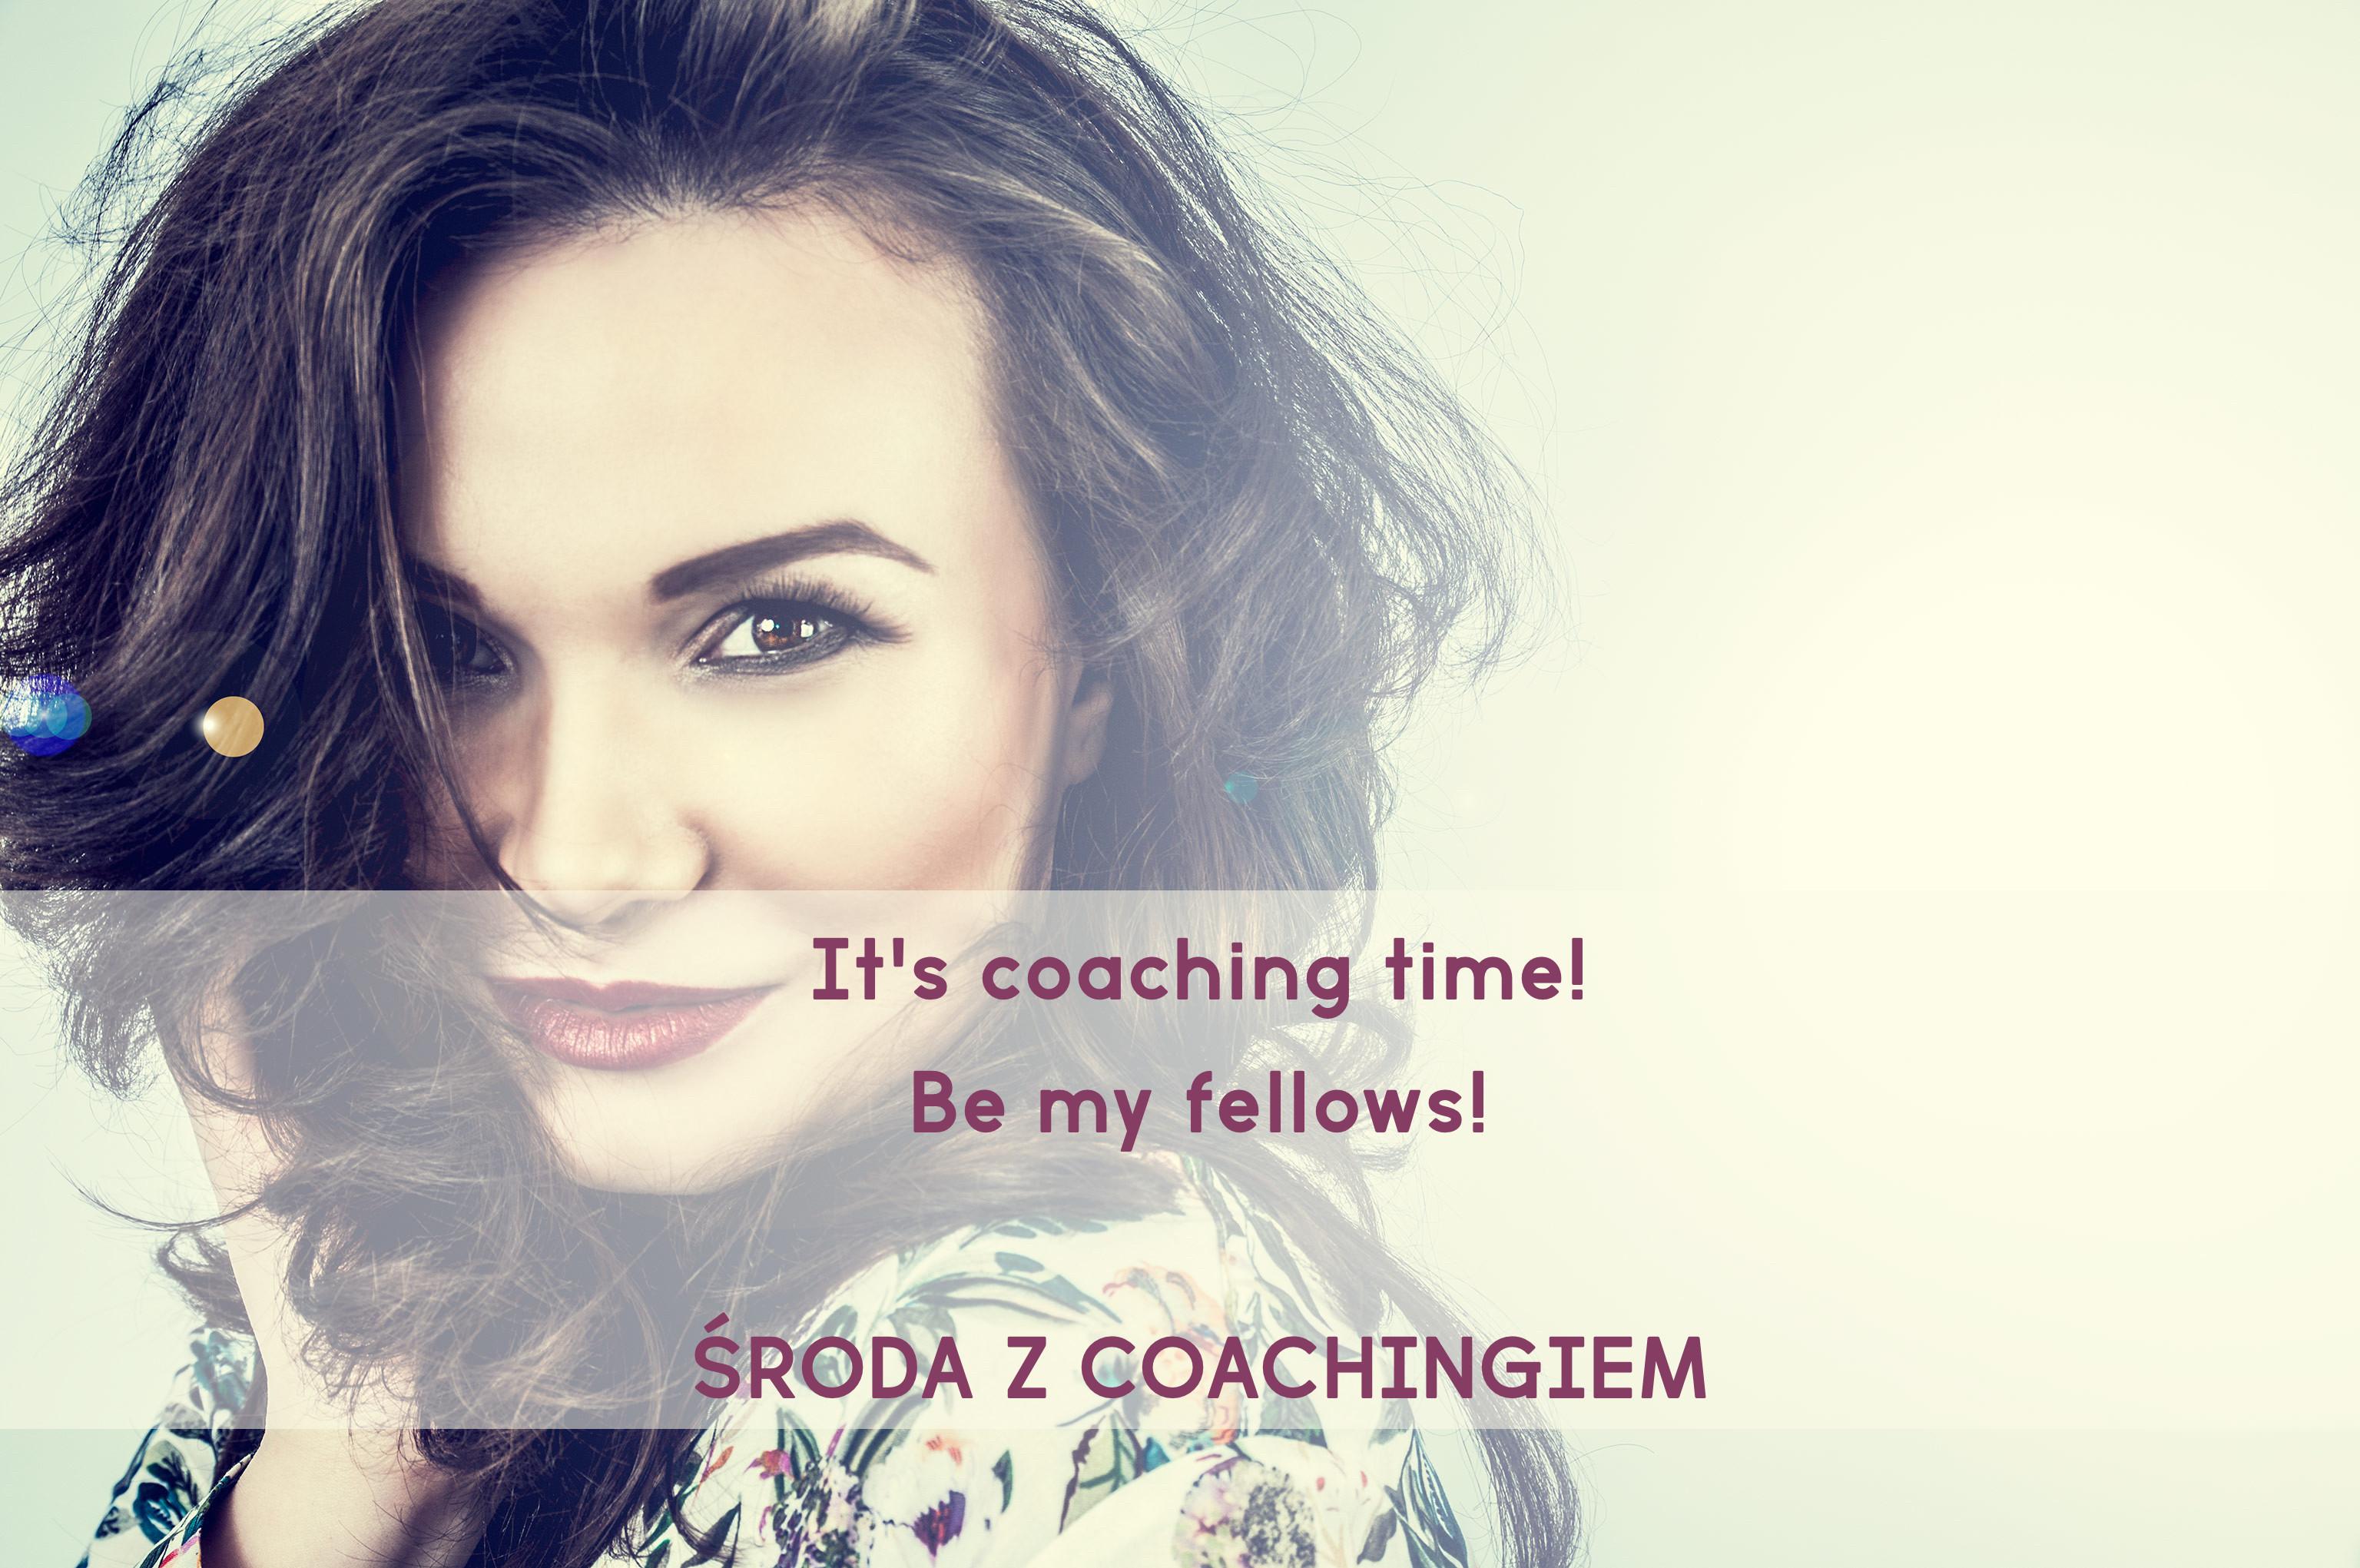 Środa z coachingiem